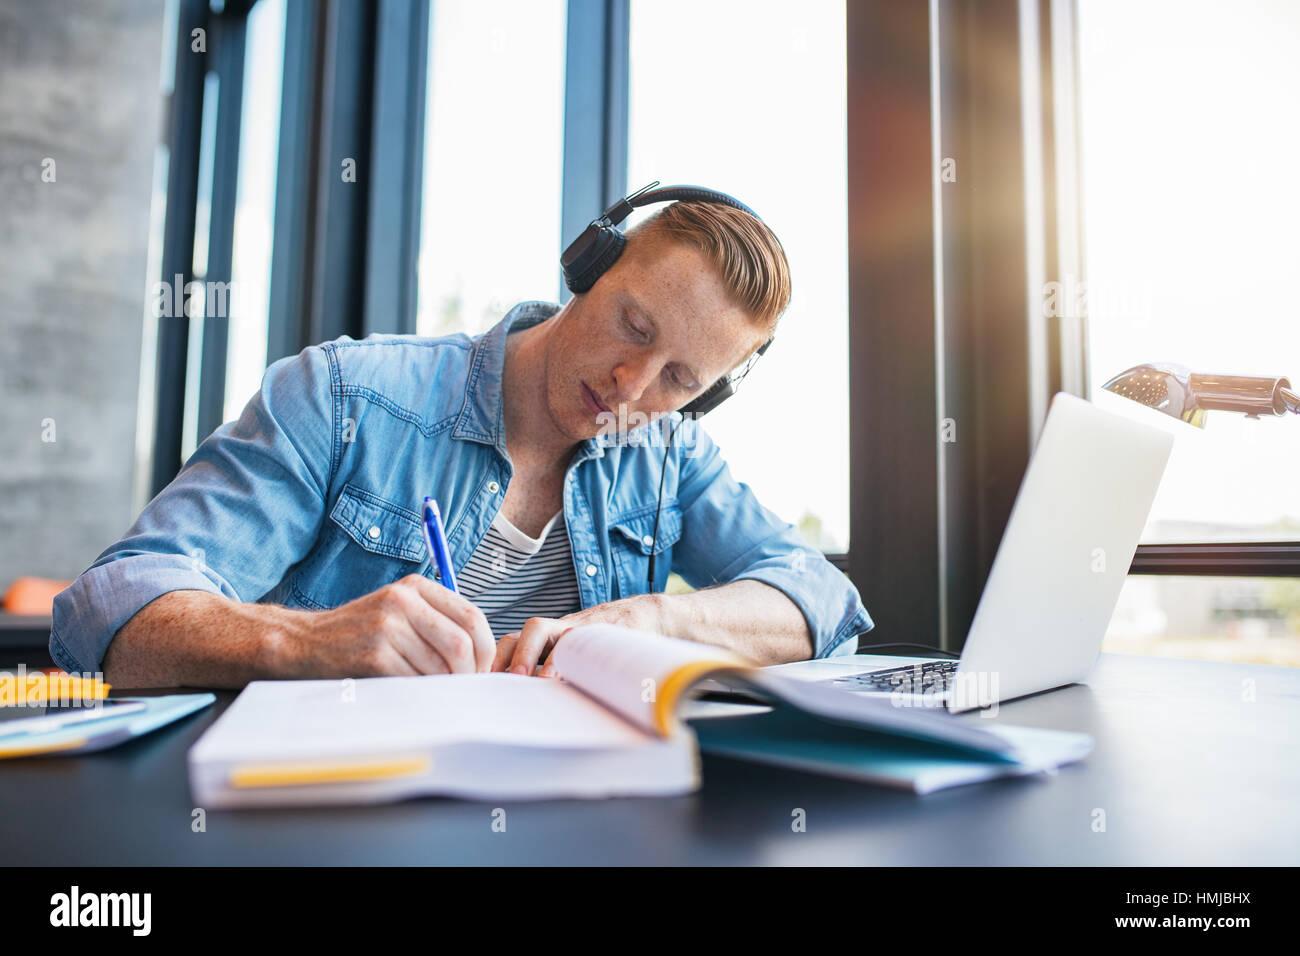 Foto de joven estudiando en la biblioteca de la universidad sentado en la mesa con el portátil y los libros. Imagen De Stock